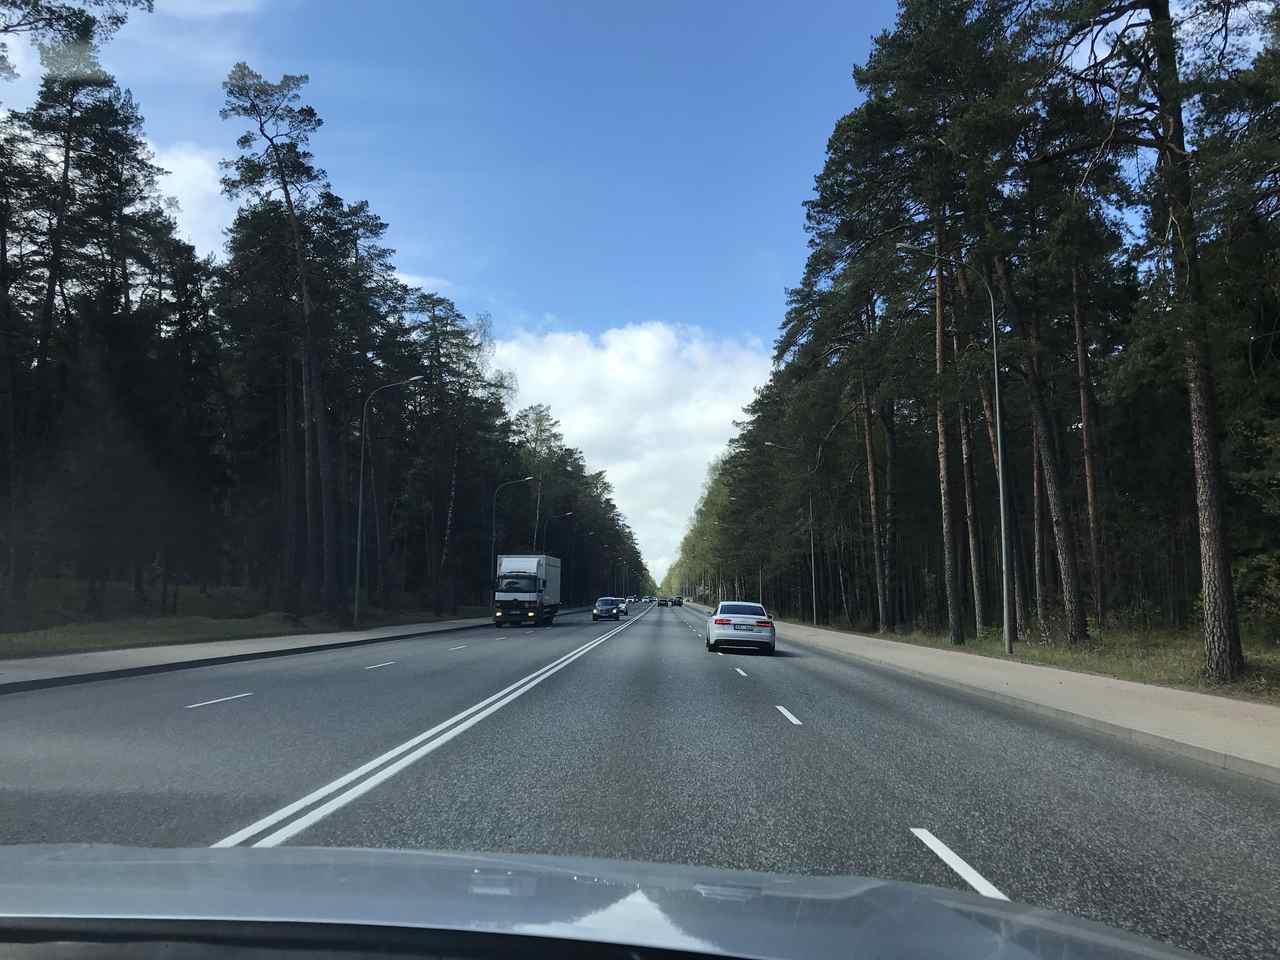 Jurmała na Łotwie